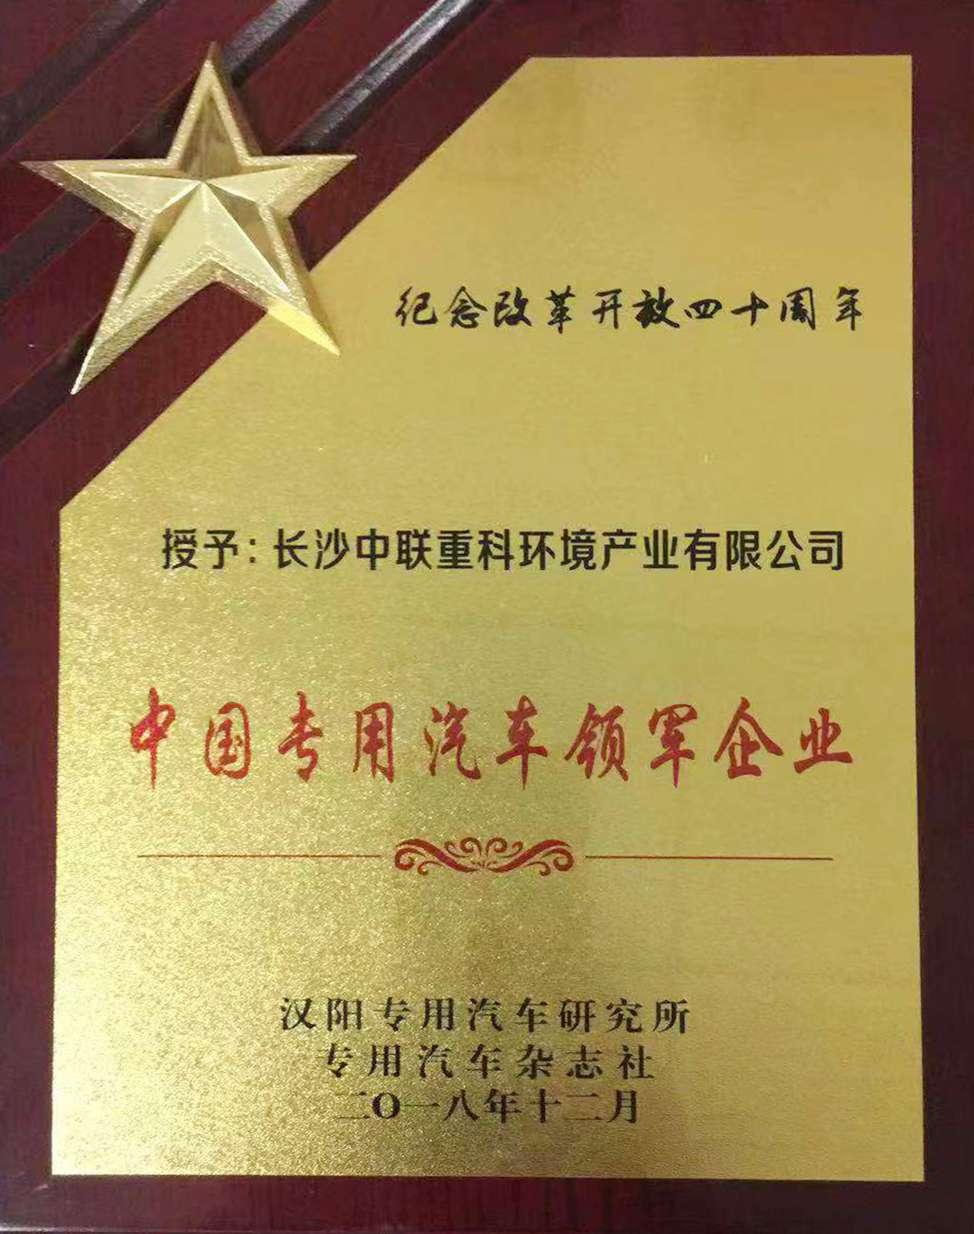 2018年中国专用汽车领军企业(盈峰中联)